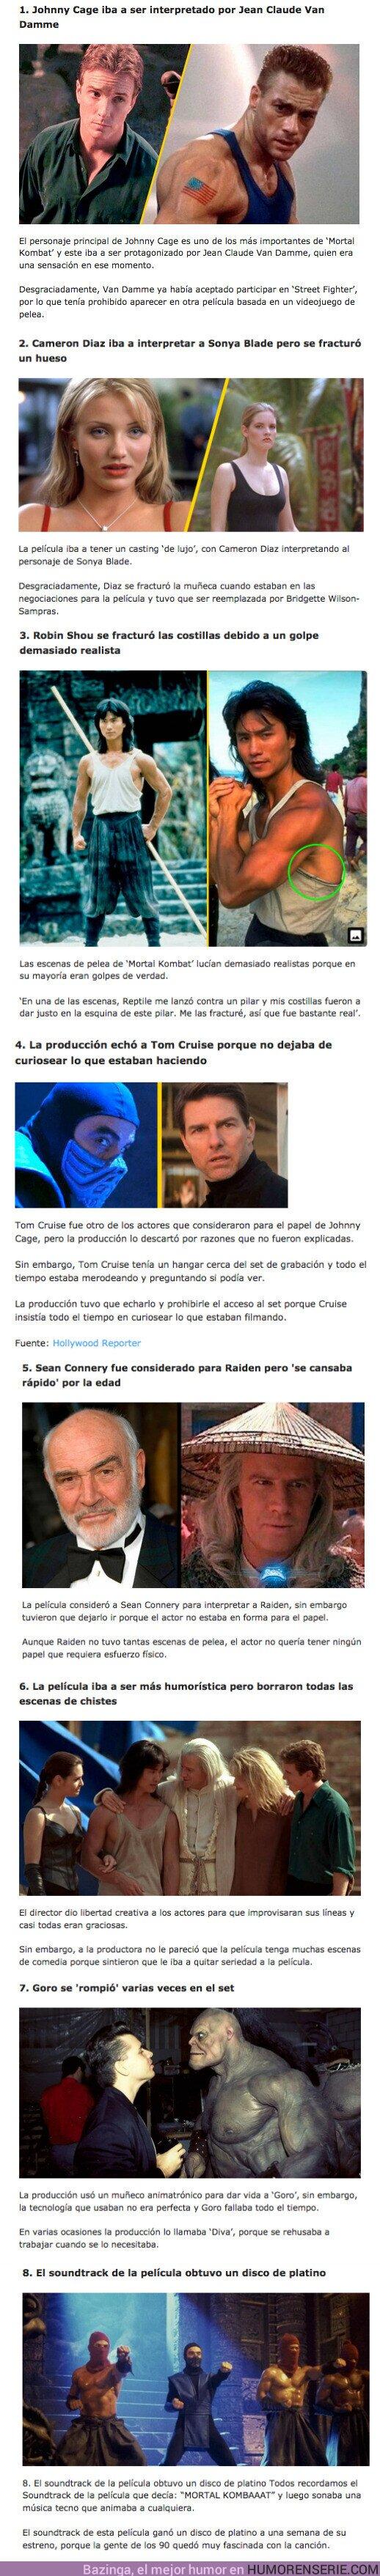 71153 - GALERÍA: 8 Curiosidades que pasaron en el rodaje de la película 'Mortal Kombat' de 1995